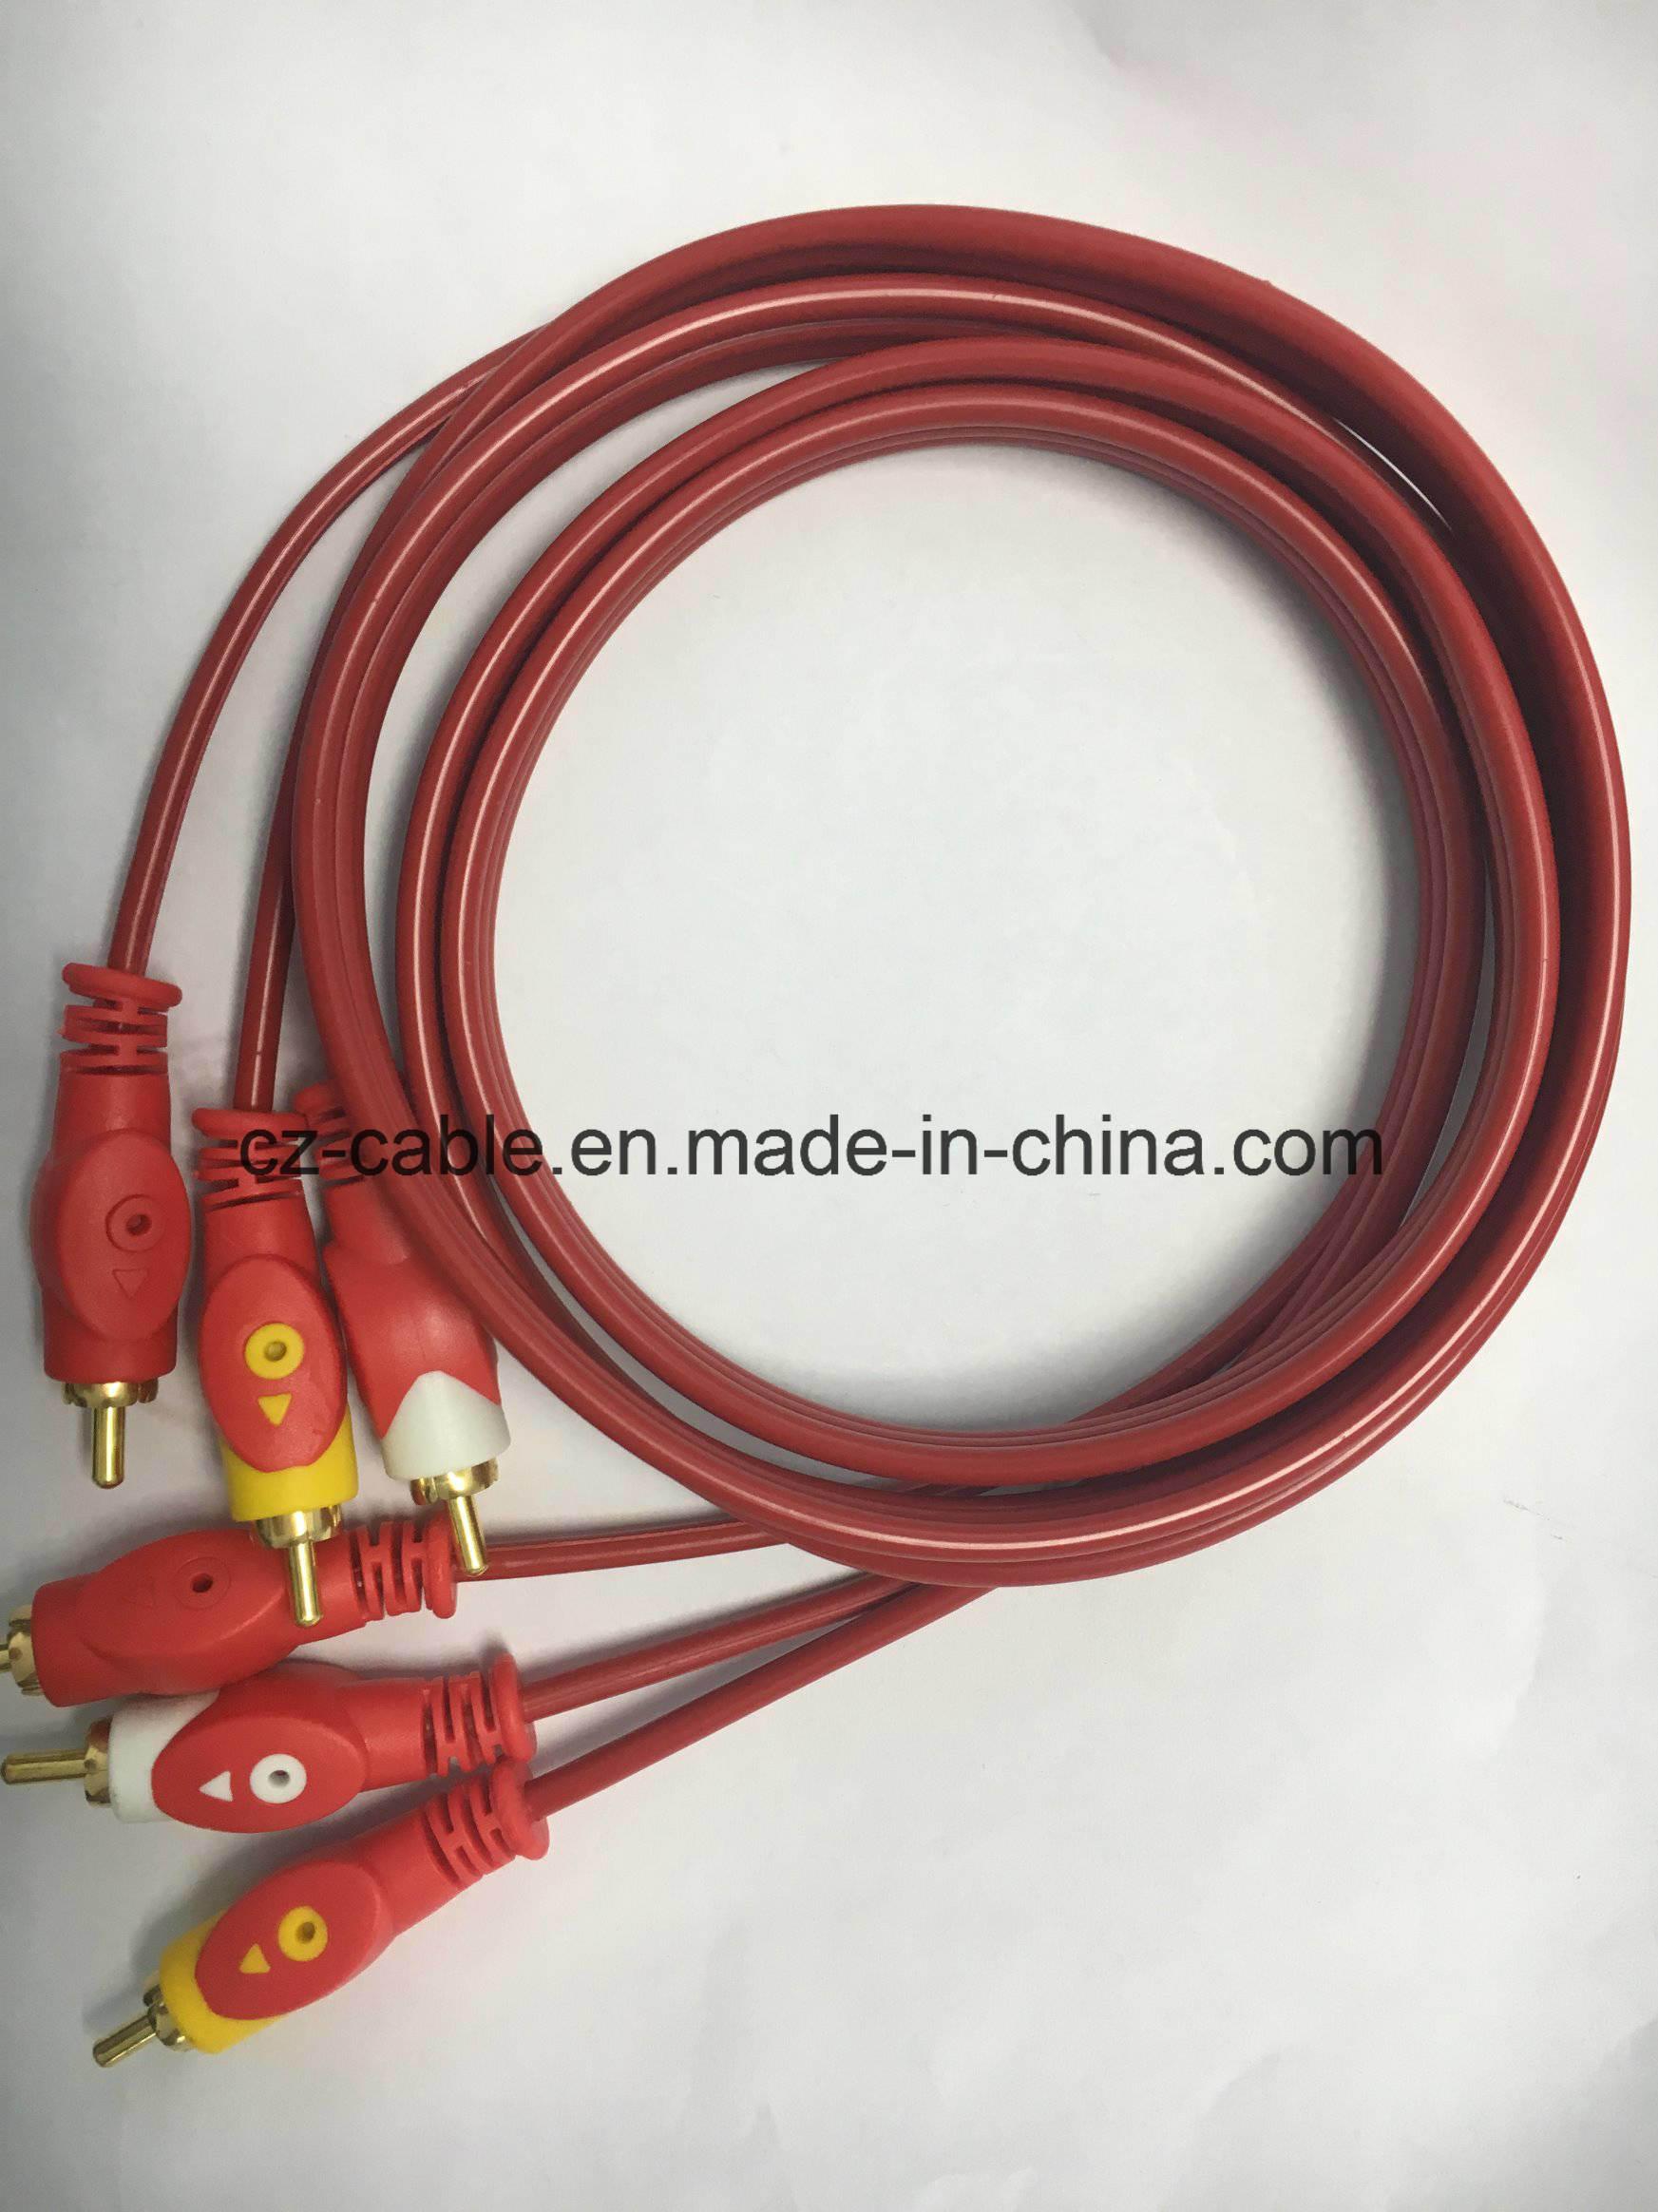 V Cable, Fisheyes, (3) RCA Plug to (3) RCA Plug Cable